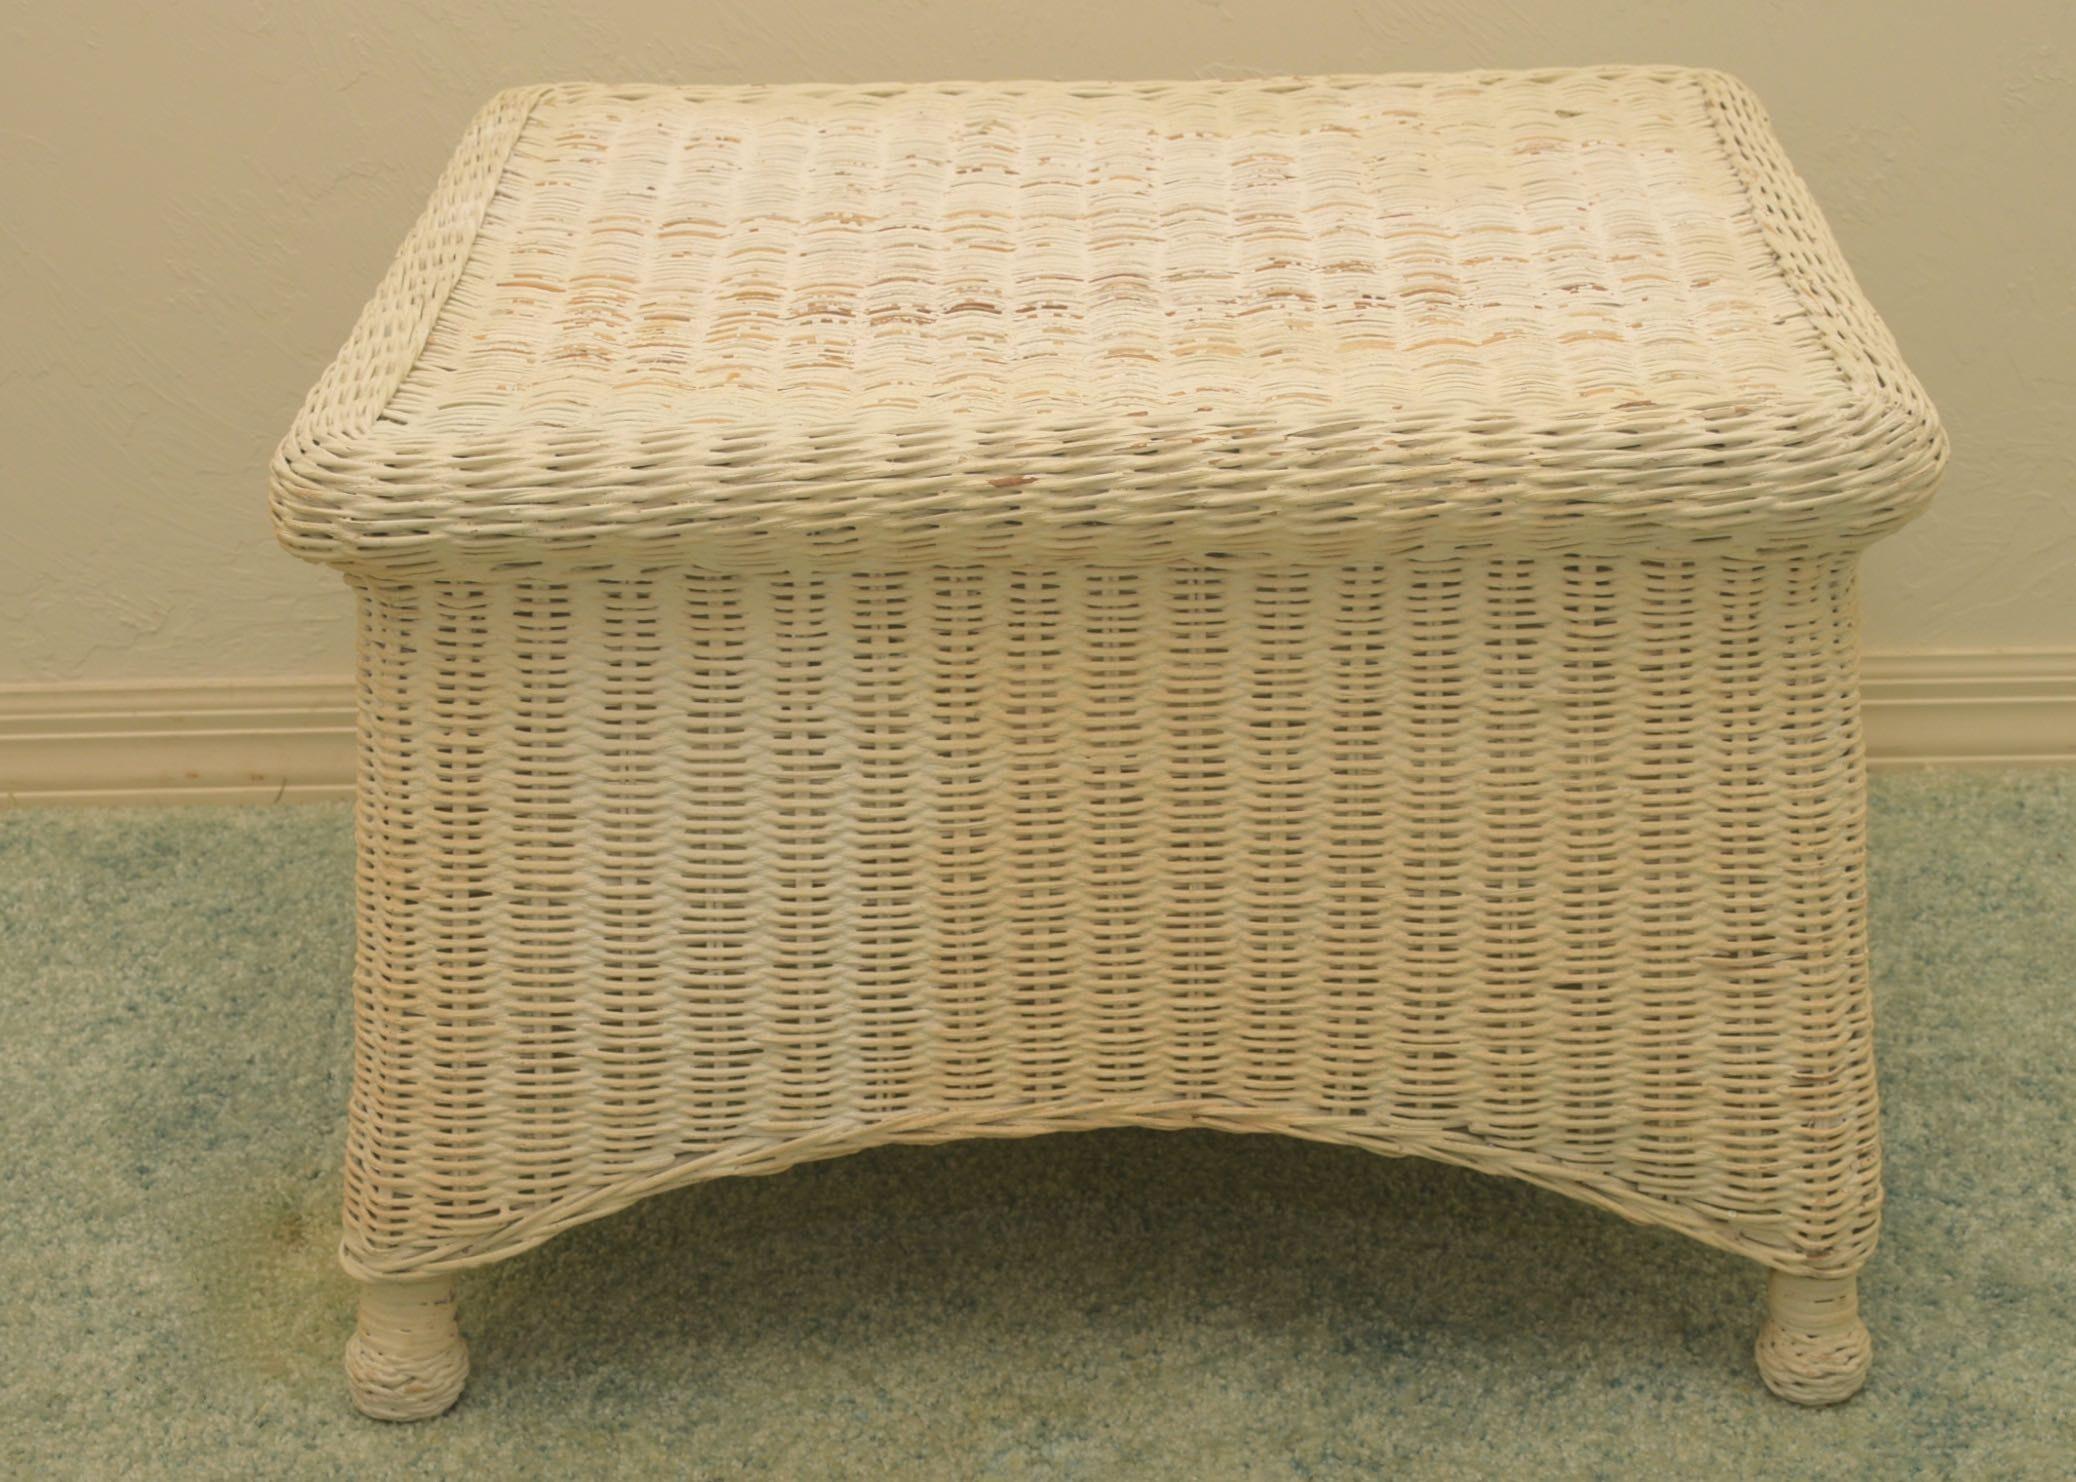 delightful White Wicker Footstools Part - 12: White Wicker Footstool ...